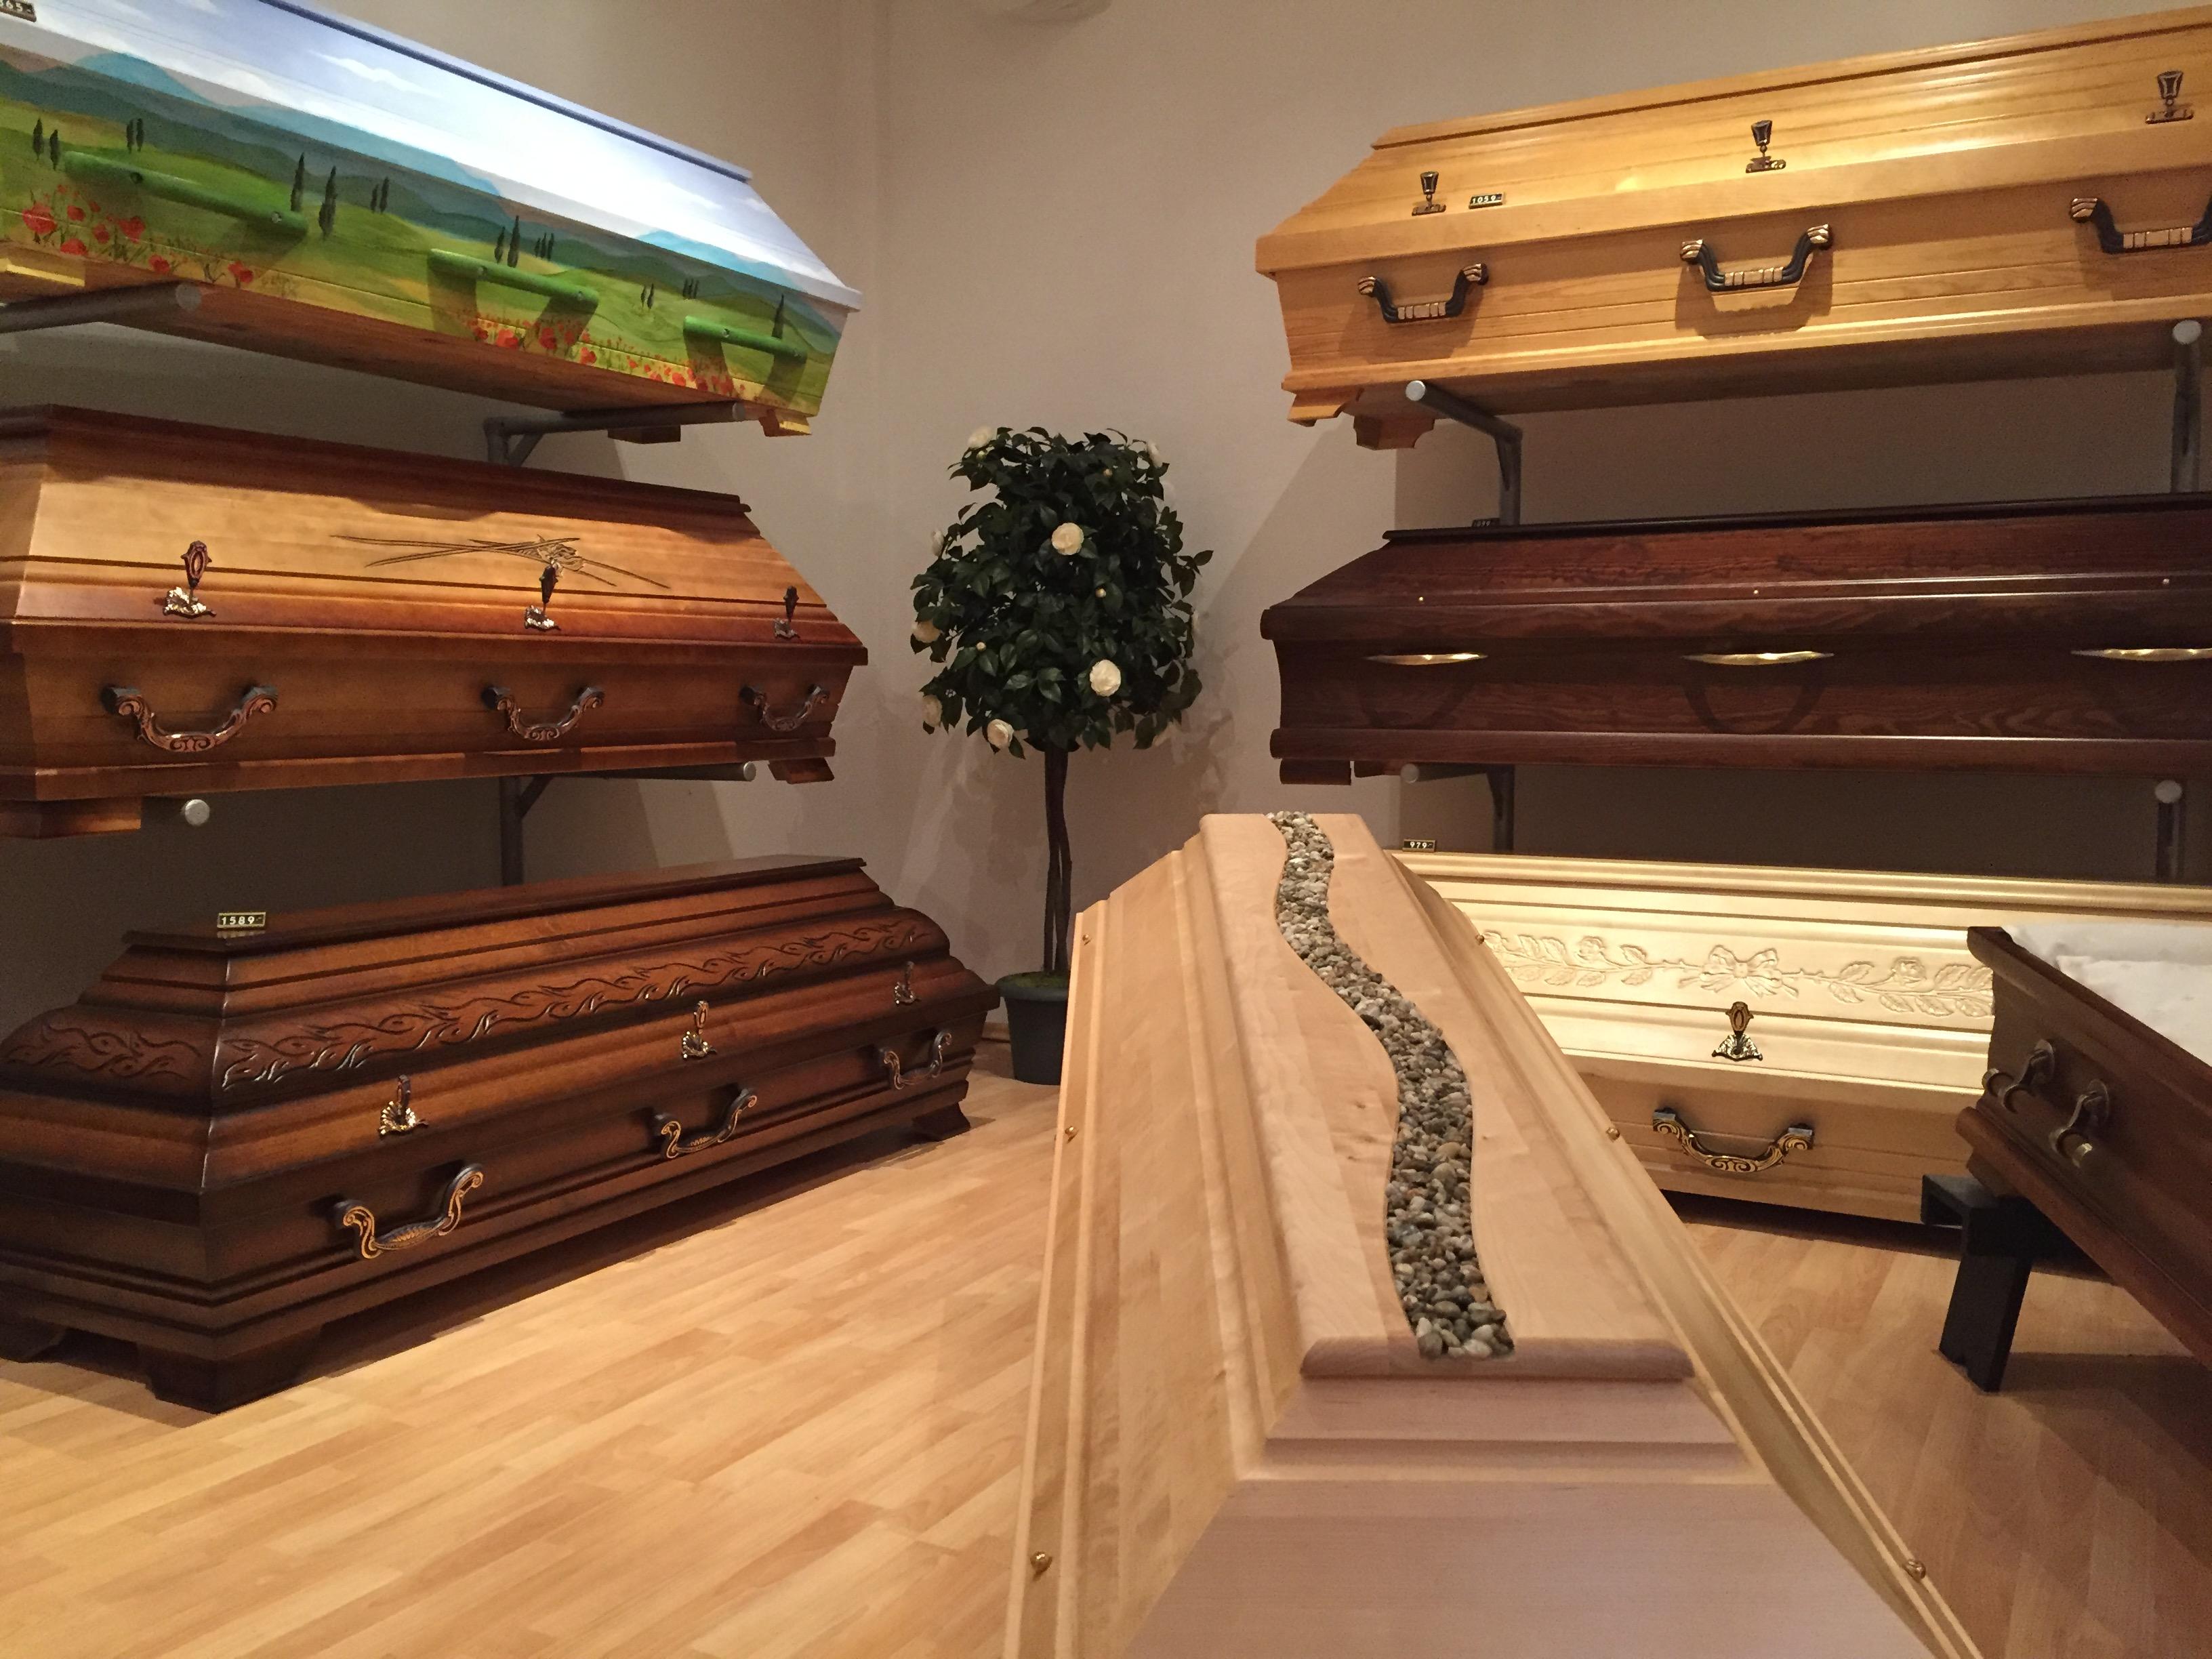 a makosch gmbh co kg bestattungen bestattungsinstitute begr bnisse und ein scherung. Black Bedroom Furniture Sets. Home Design Ideas